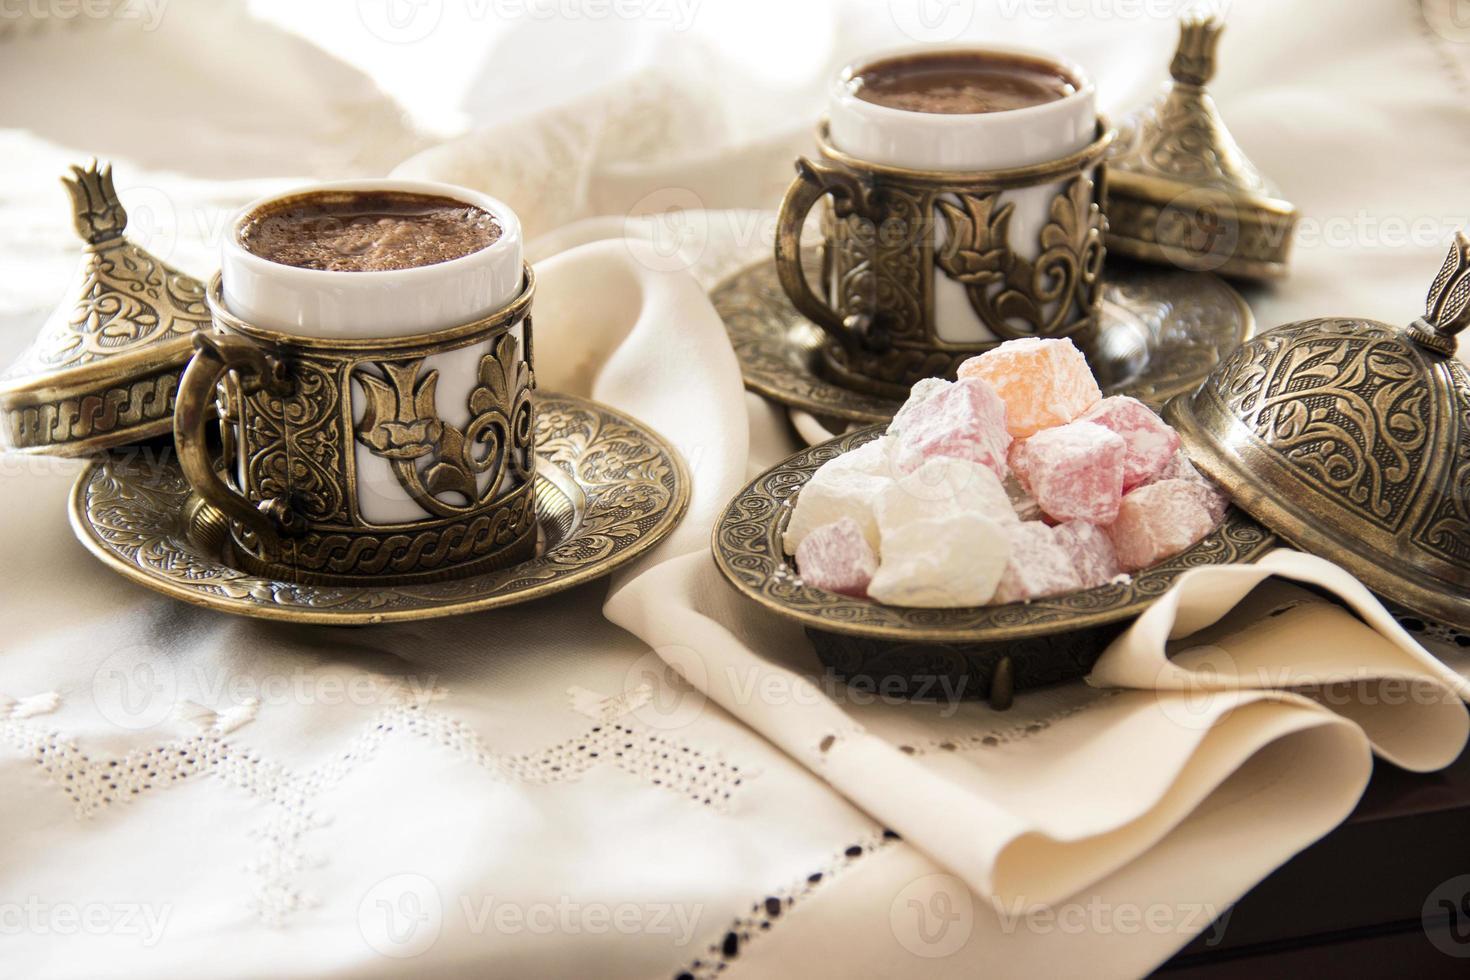 café turc avec délice et ensemble de service en cuivre traditionnel photo